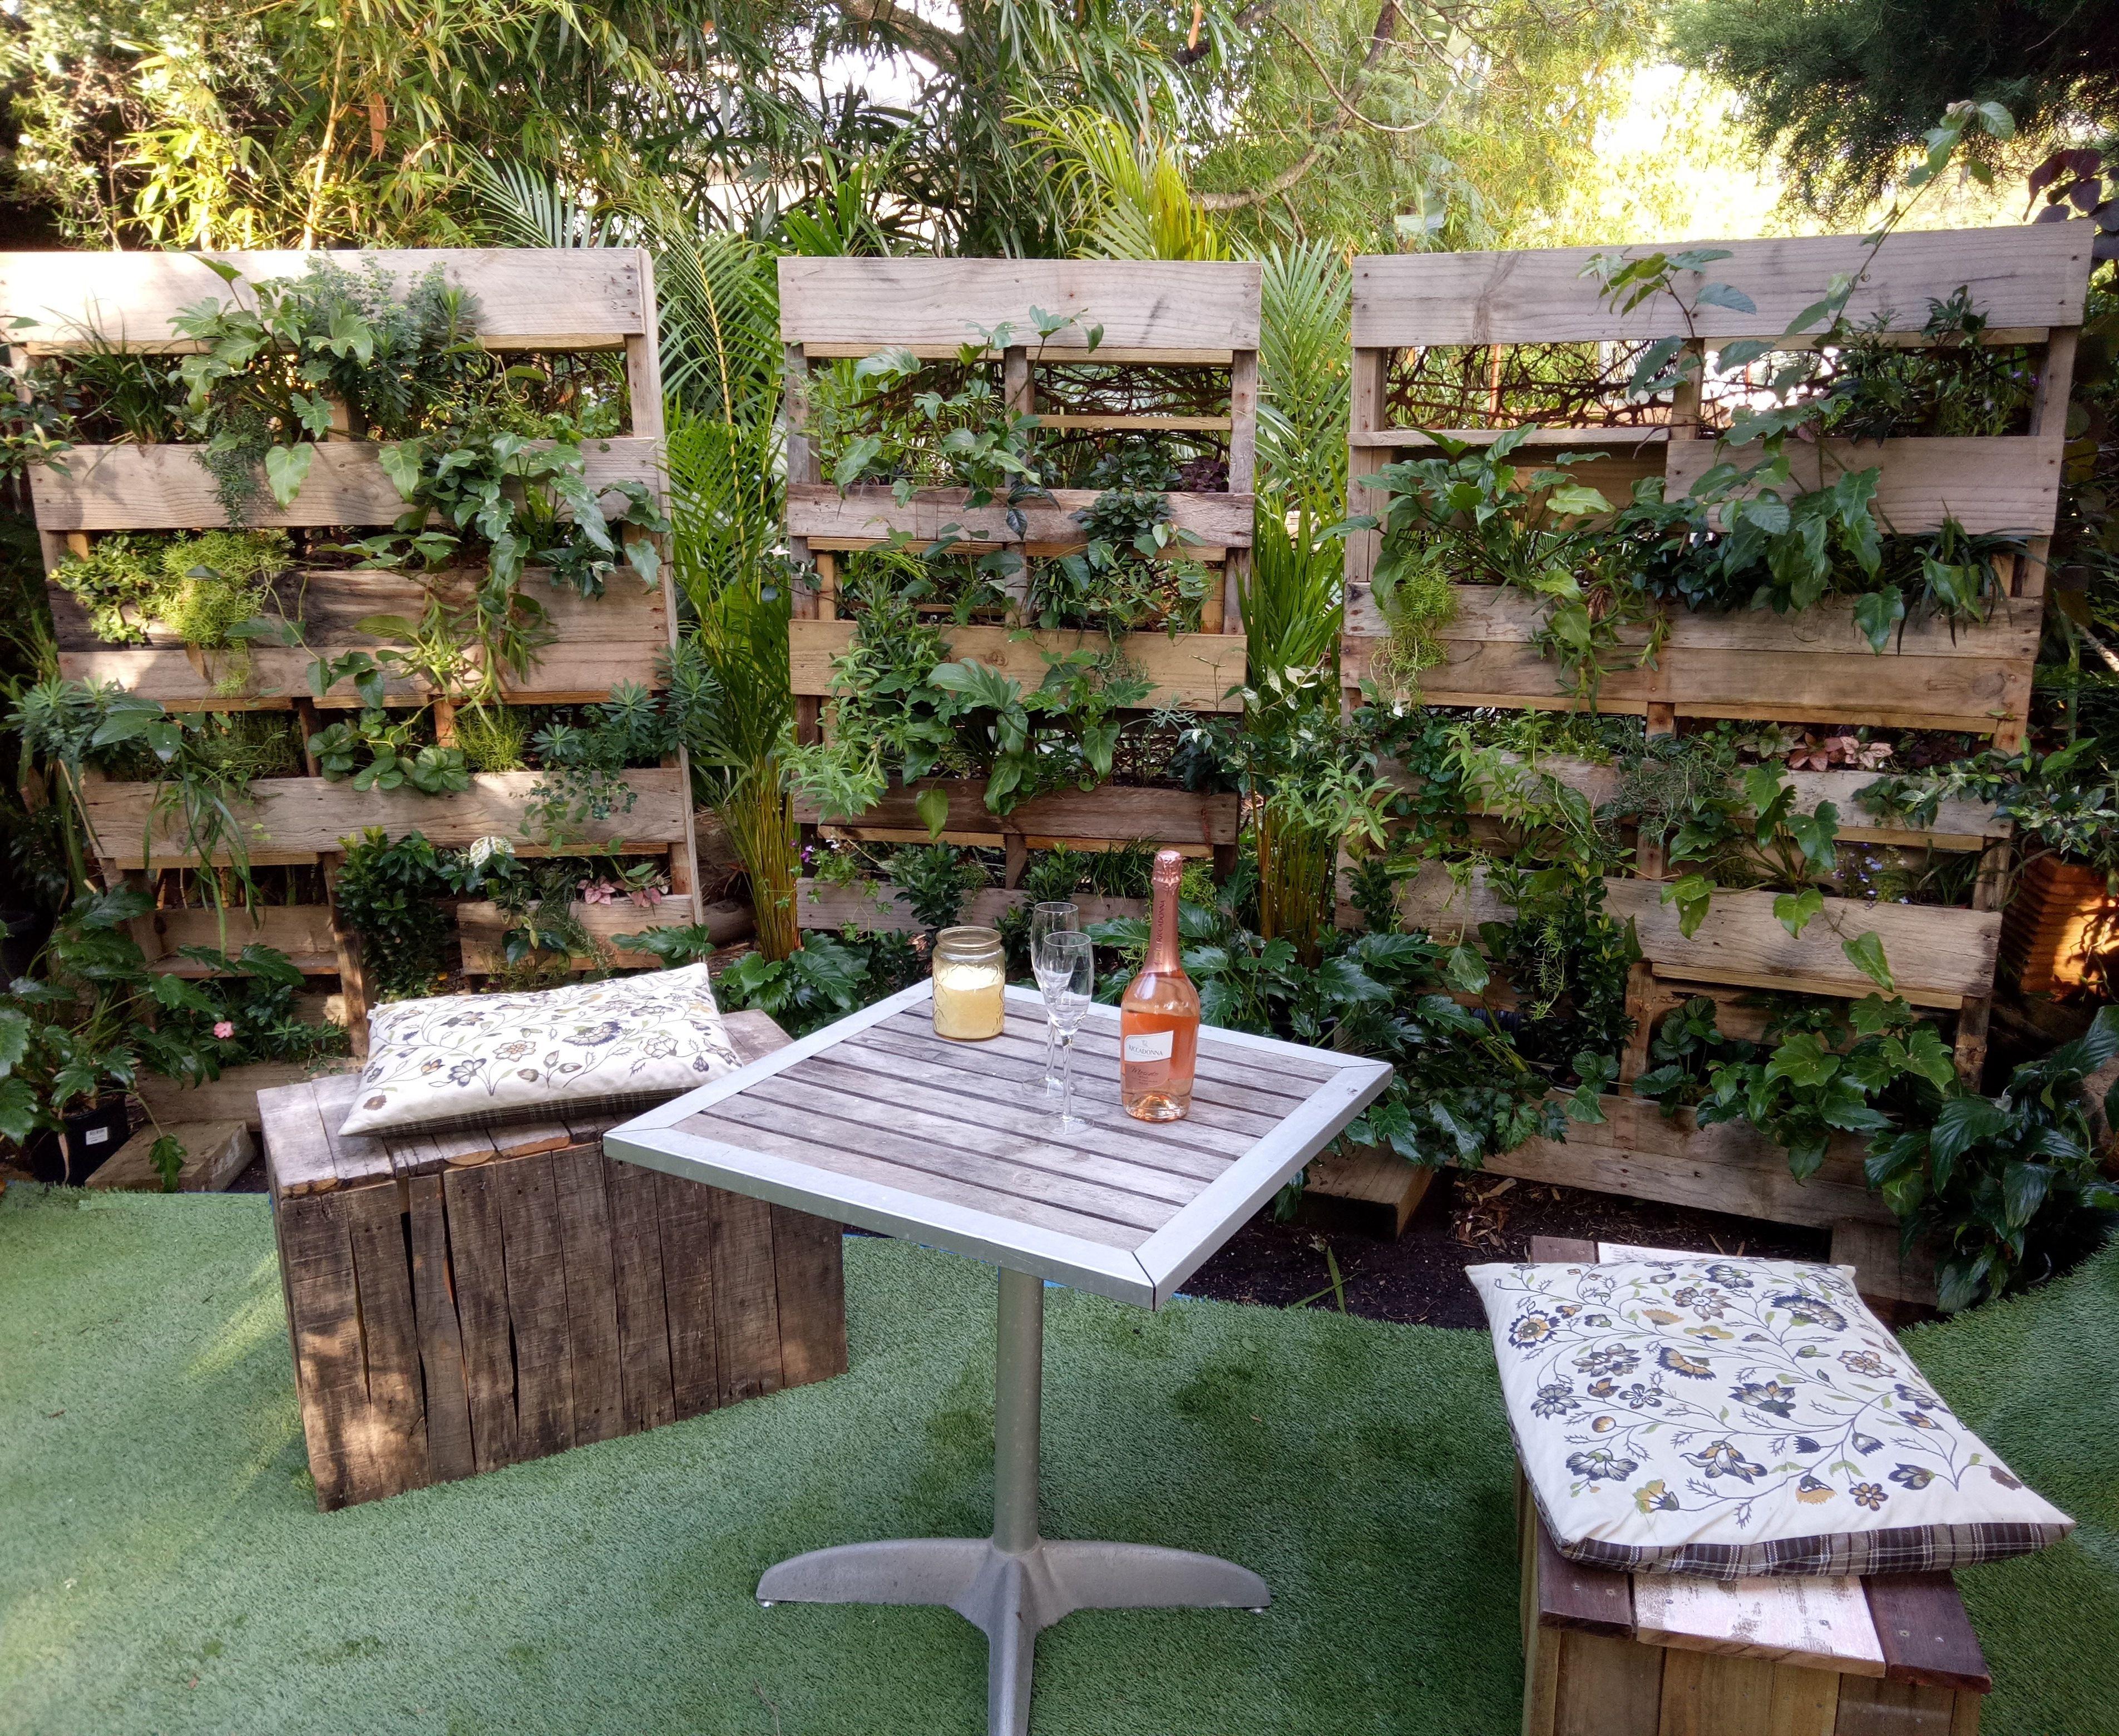 green wall pallet wall herb wall vertical garden pop up garden